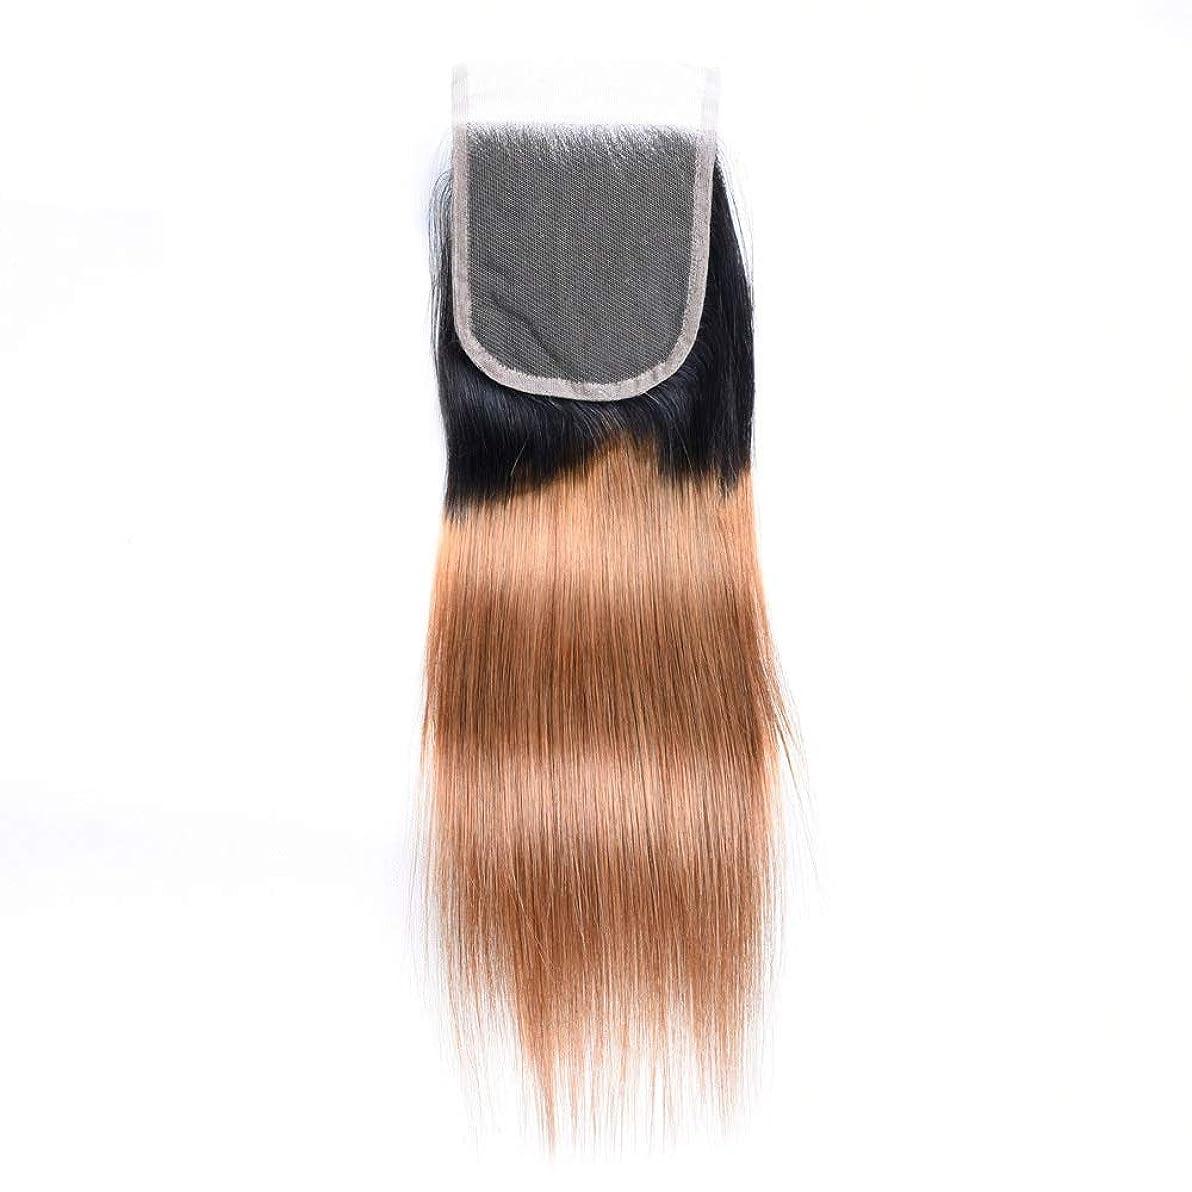 くつろぐアミューズ現実WASAIO 未処理のRemy人間の髪の毛のブラジルストレートトーンの色のかつら (色 : Blonde, サイズ : 14 inch)